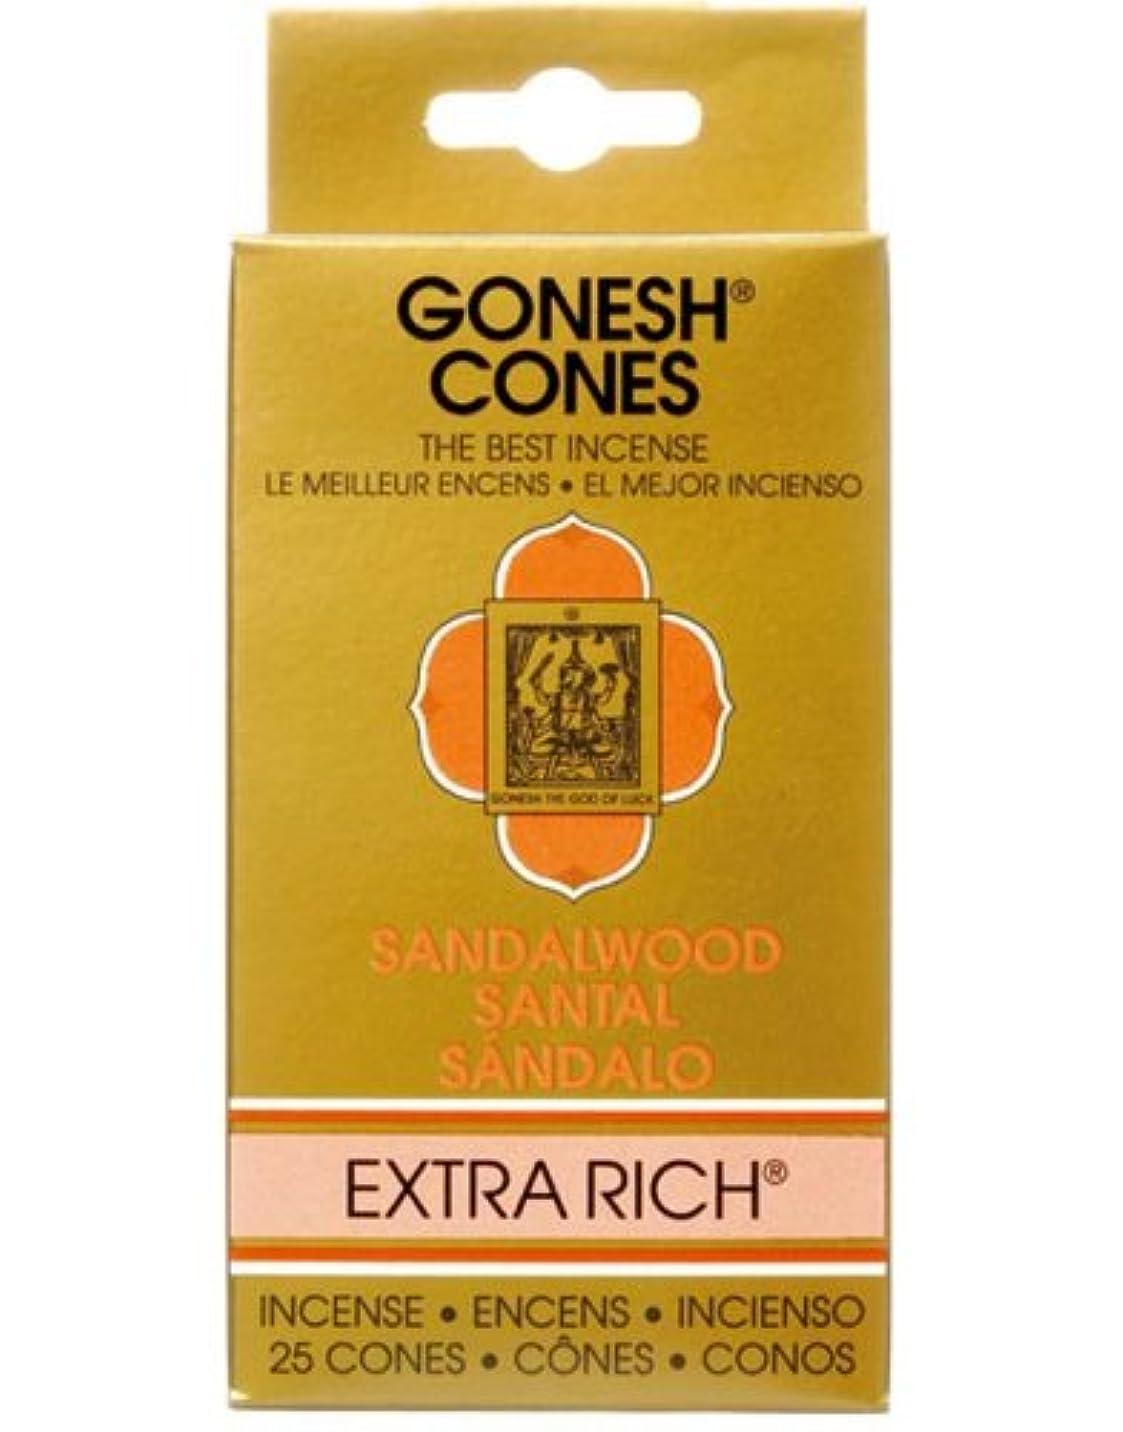 壊滅的な後方に有名人ガーネッシュ(GONESH) エクストラリッチ インセンス コーン サンダルウッド(白檀) 25個入(お香)